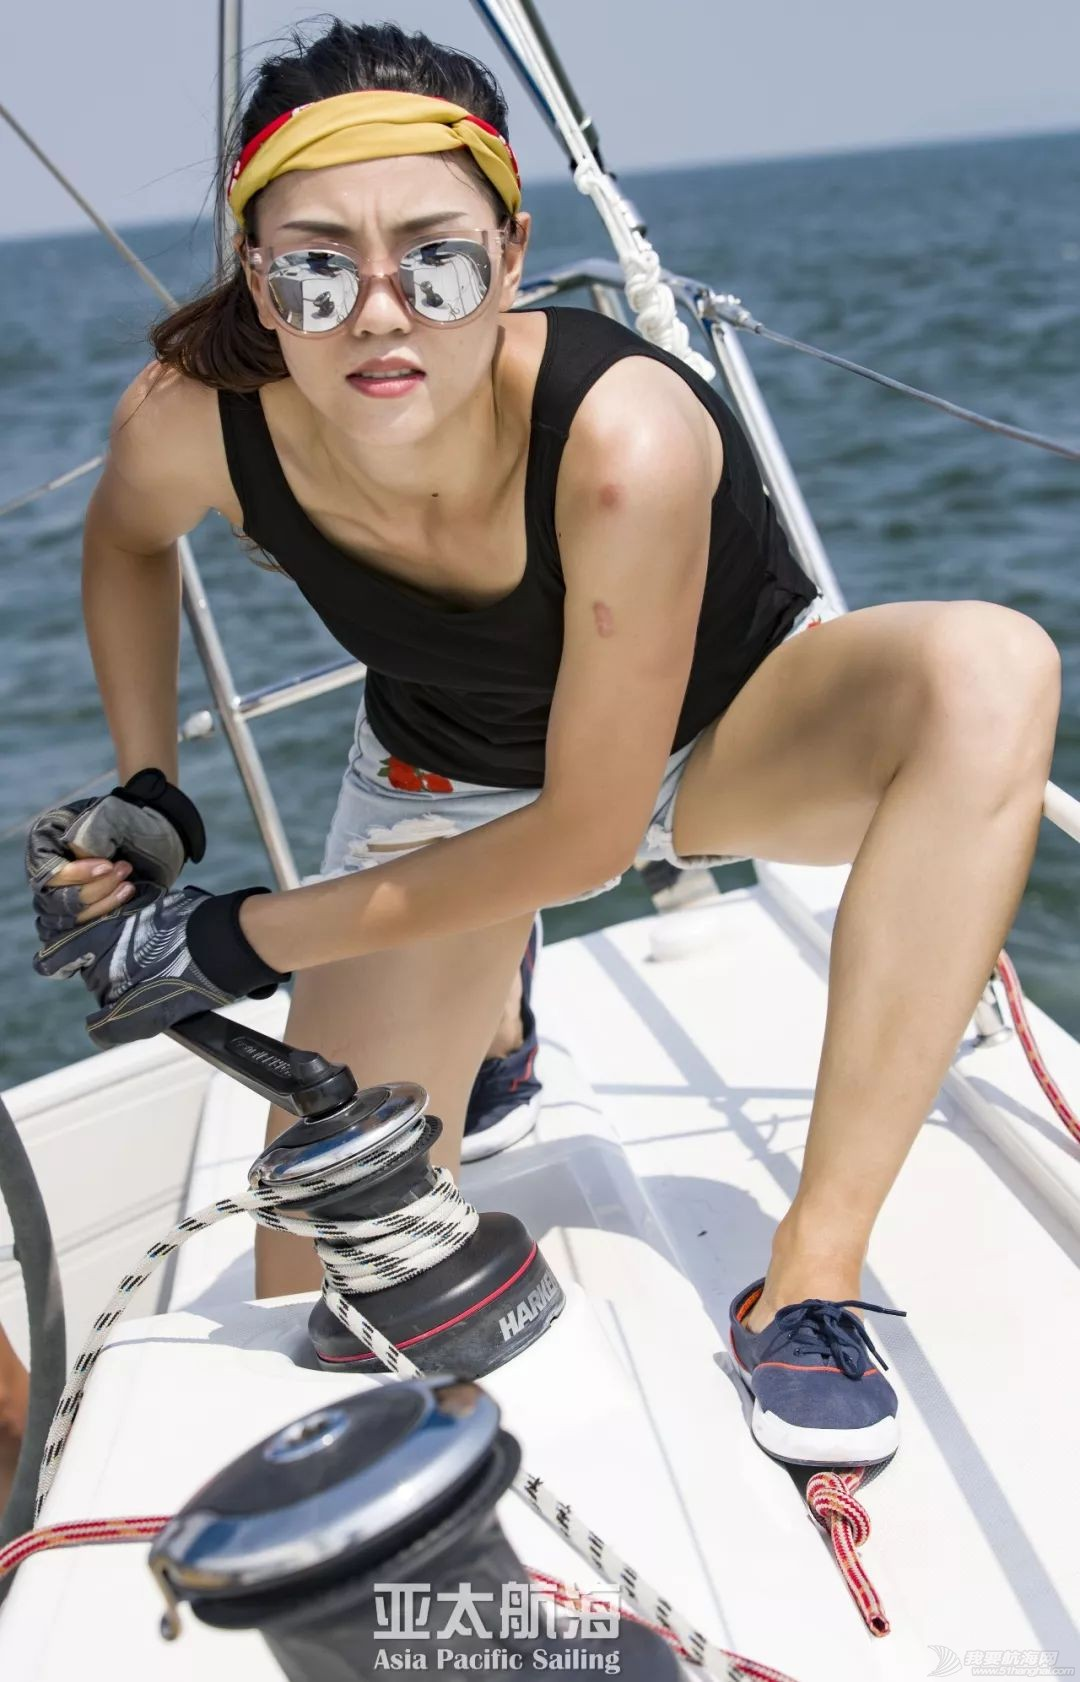 海盗女王的崛起:香港被隐去的一段江湖恩怨w6.jpg